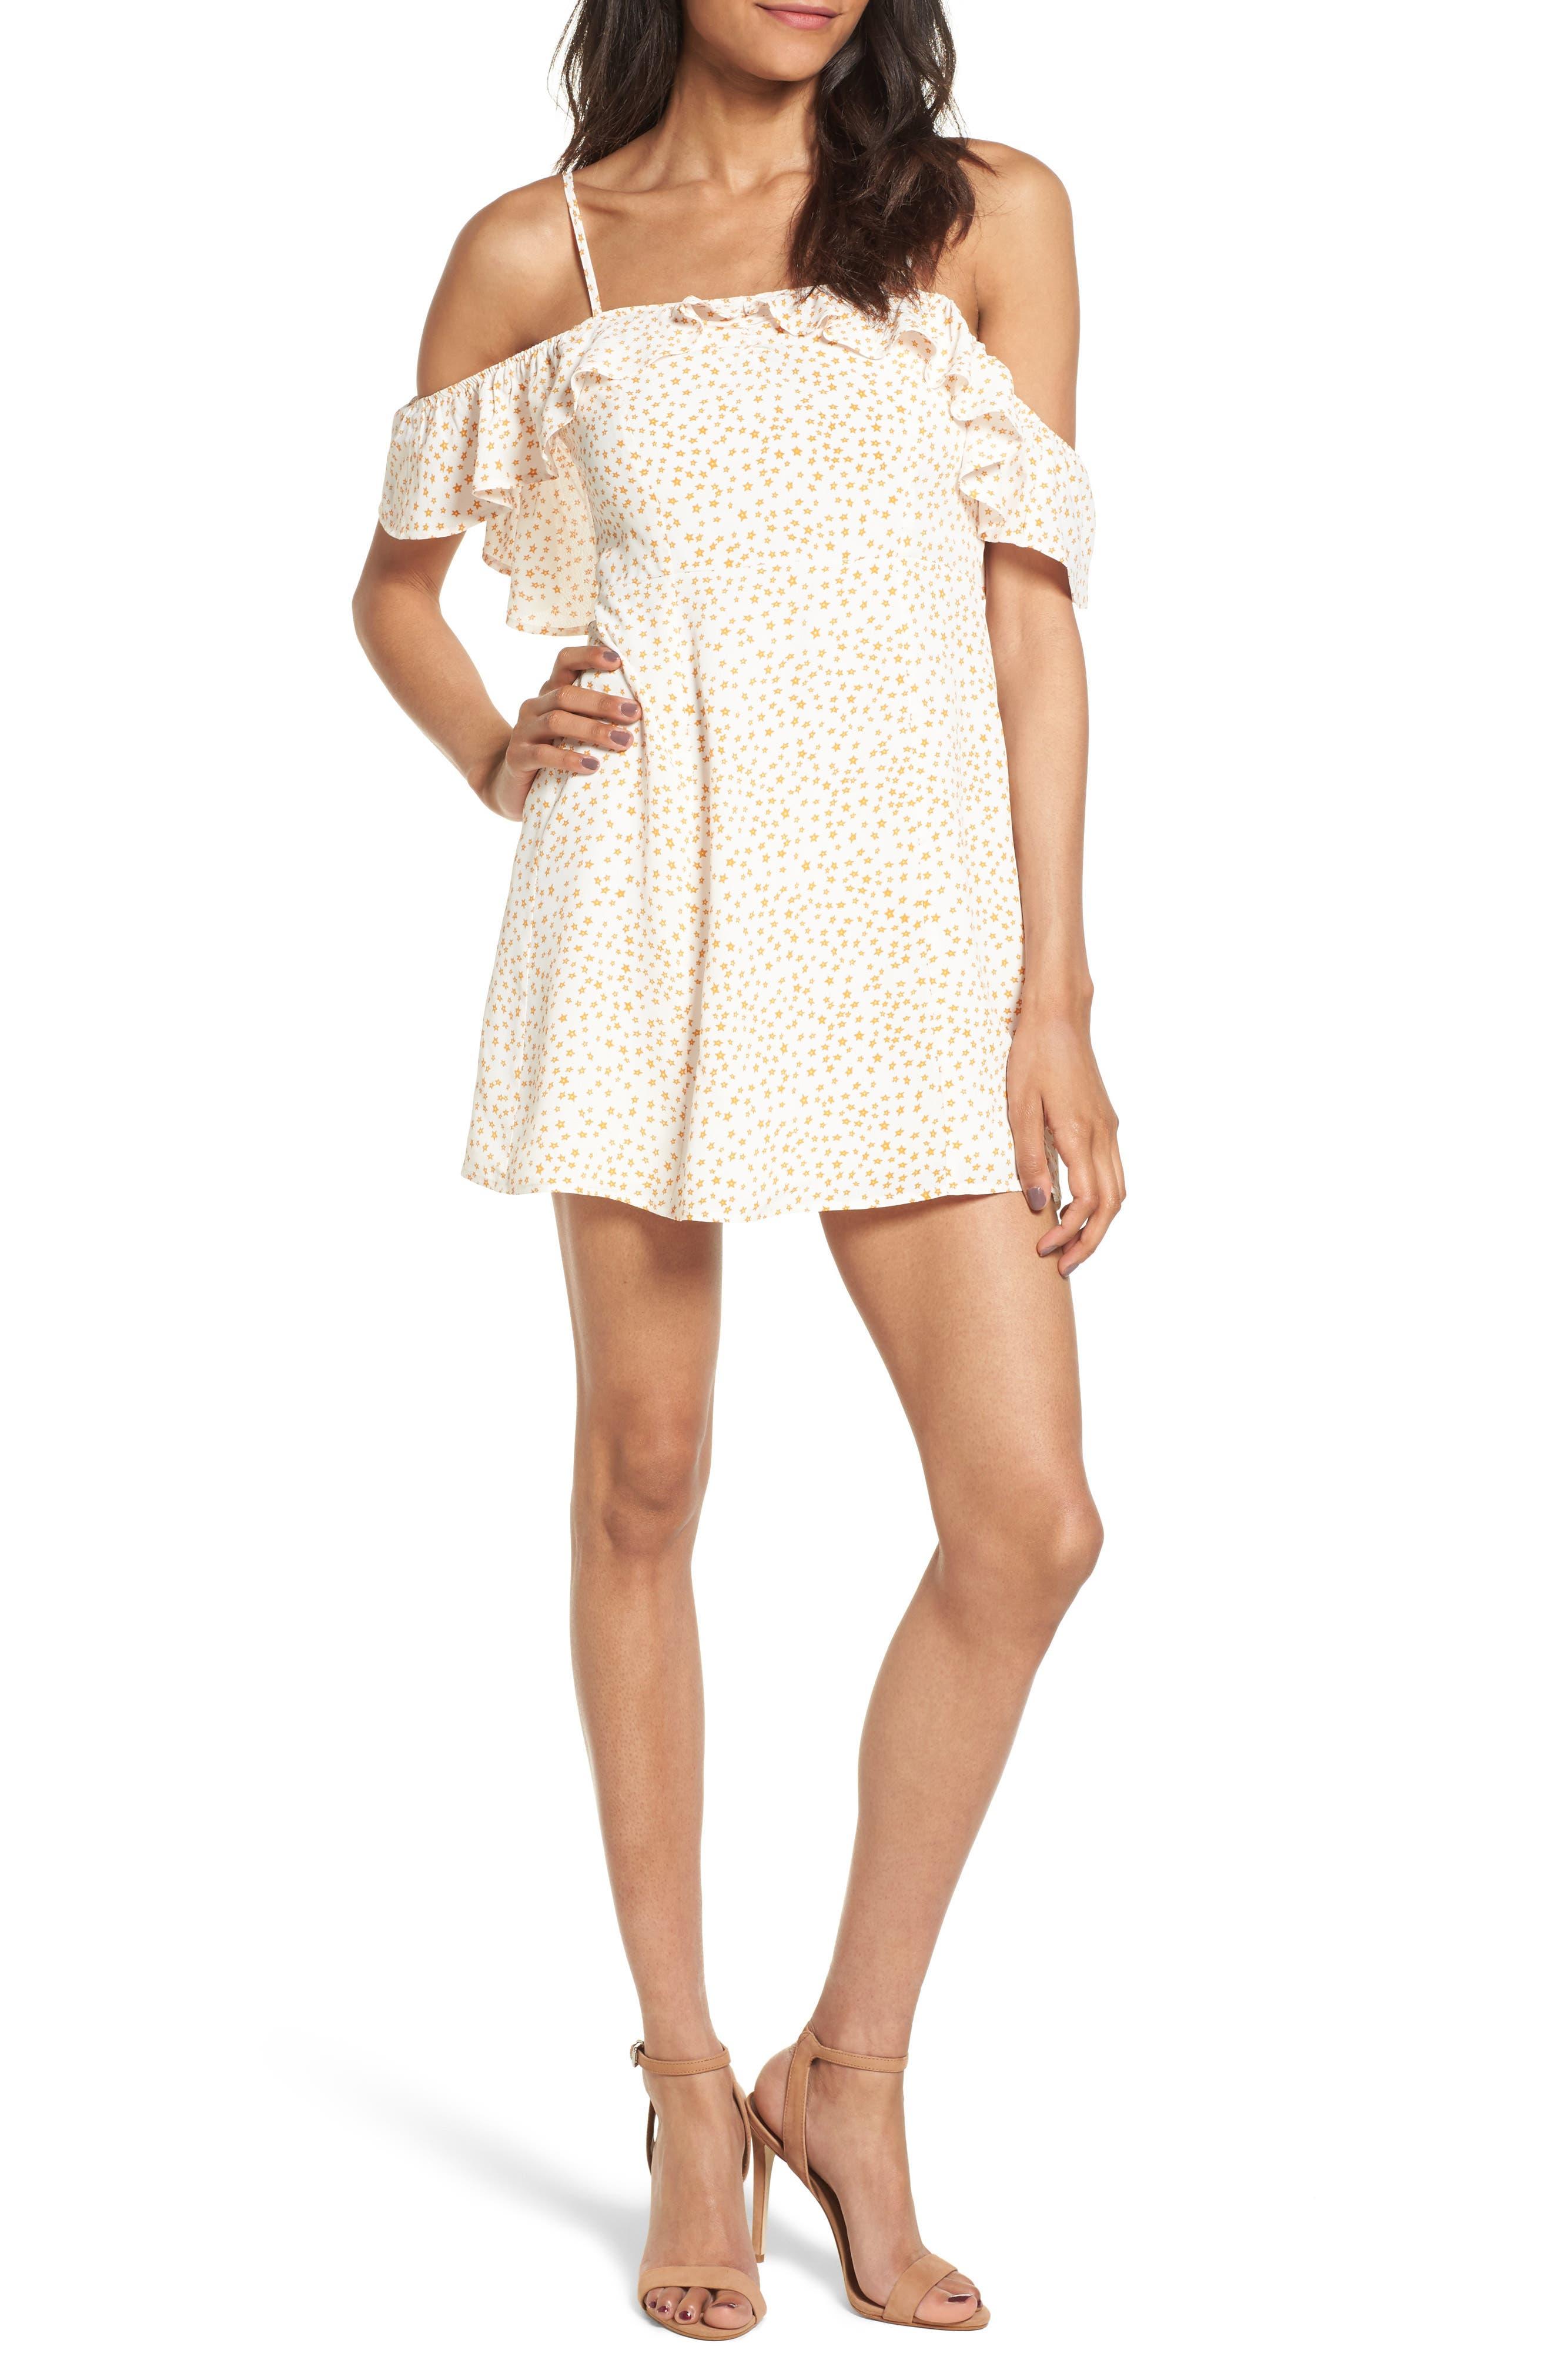 Alternate Image 1 Selected - For Love & Lemons Aurora Ruffle Shift Dress